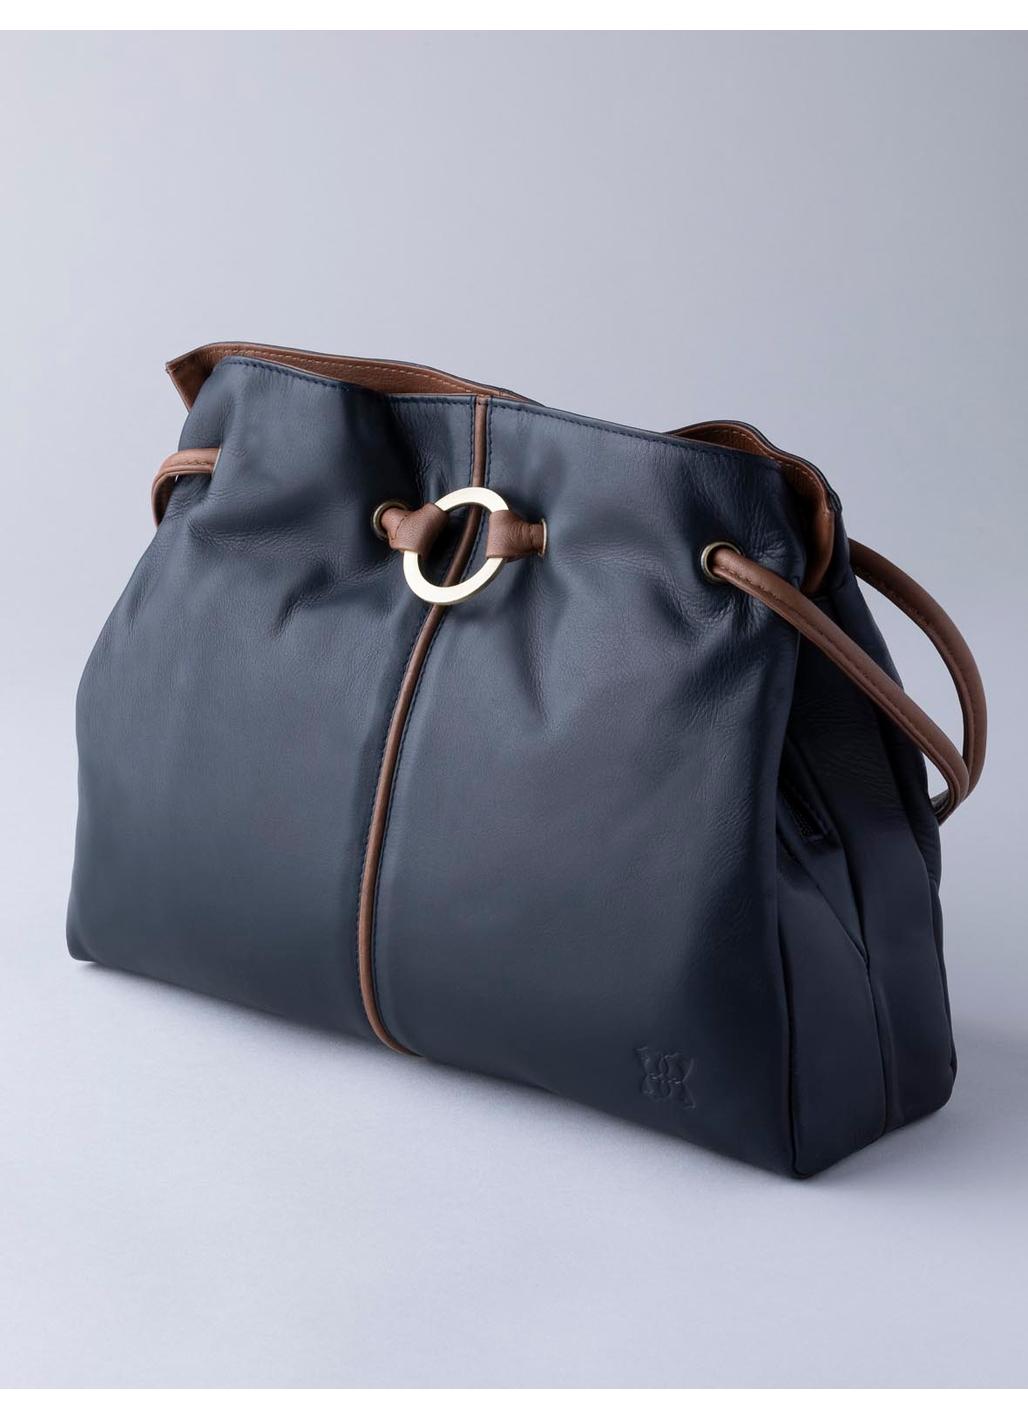 Ring Detail Leather Shoulder Bag in Navy